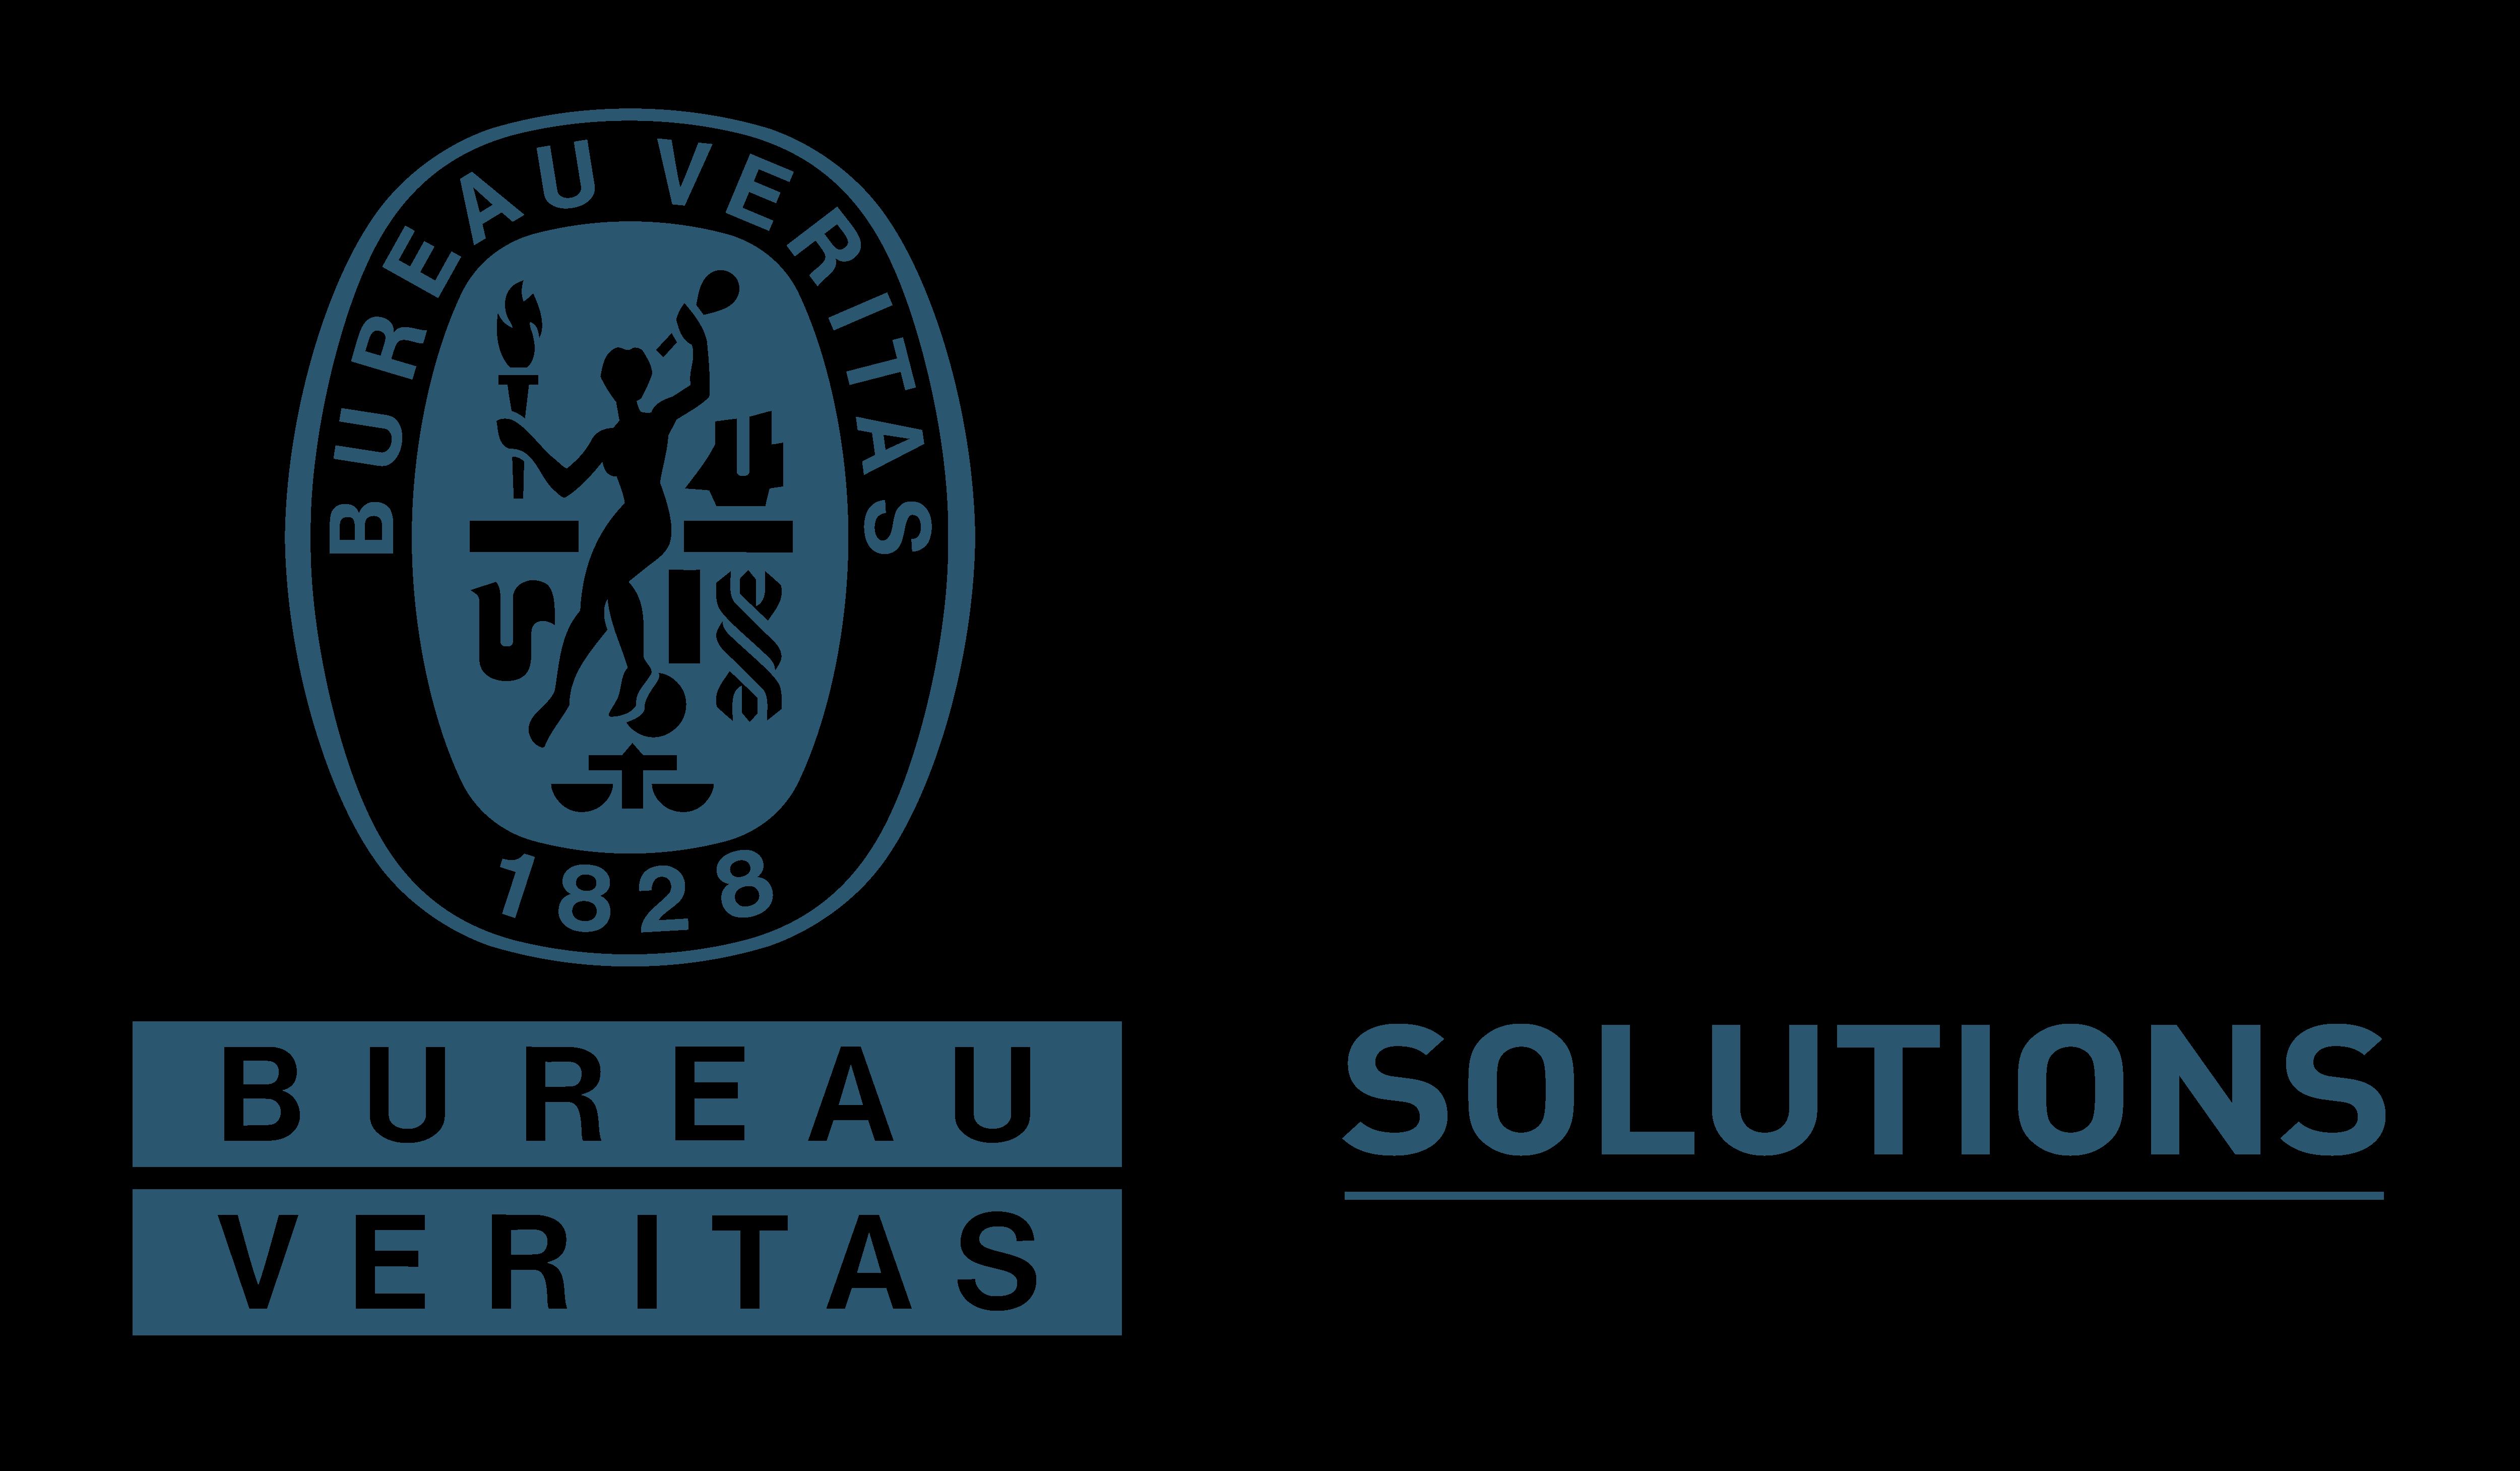 Bureau Veritas Solutions Une Offre Unique De Solutions Globales En Matiere D Audit Et D Assistance Technique Bureau Veritas France